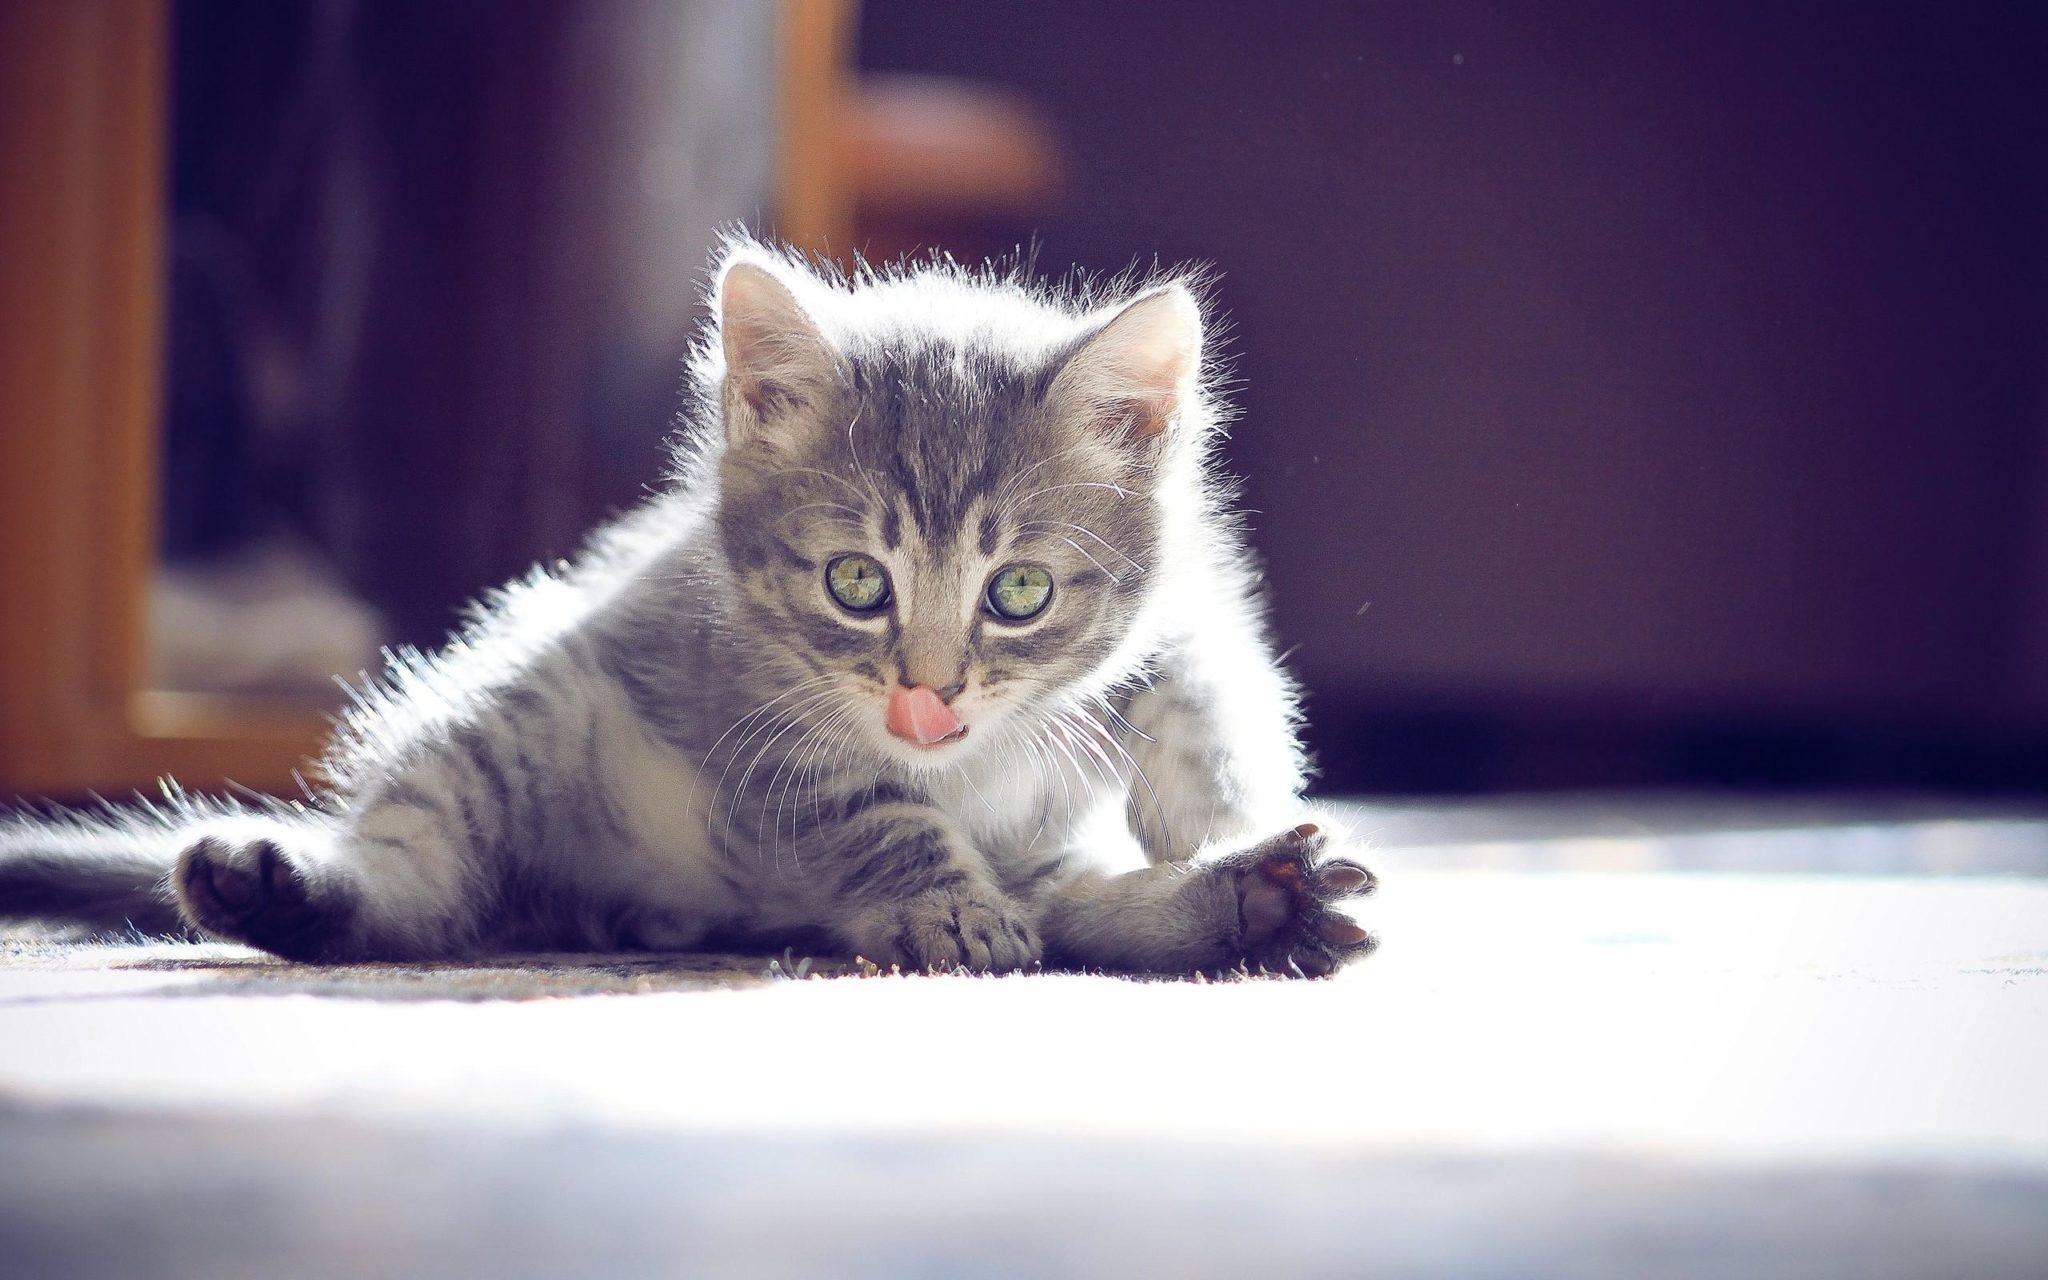 Un gattino si dedica alla toeletta quotidiana del suo pelo